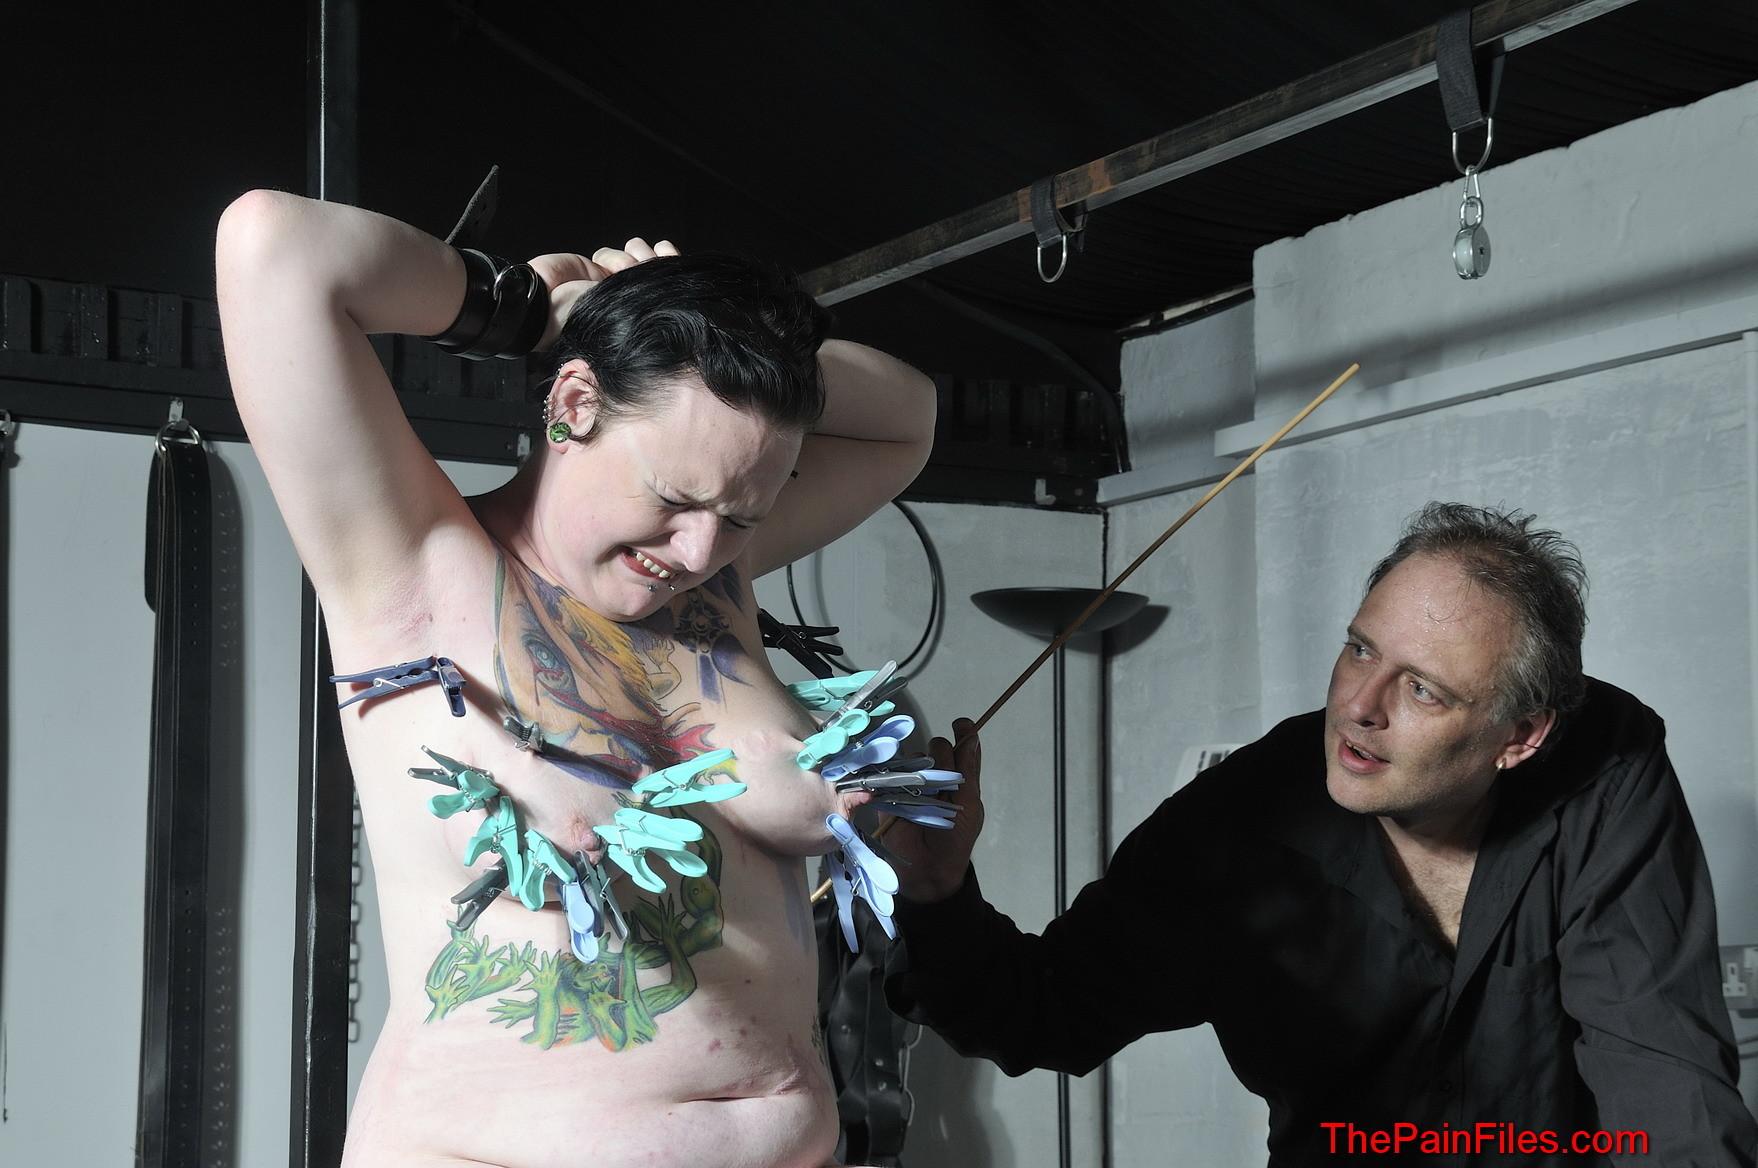 Пышная девушка решается испробовать прокол иглами груди и прищепки на сосках